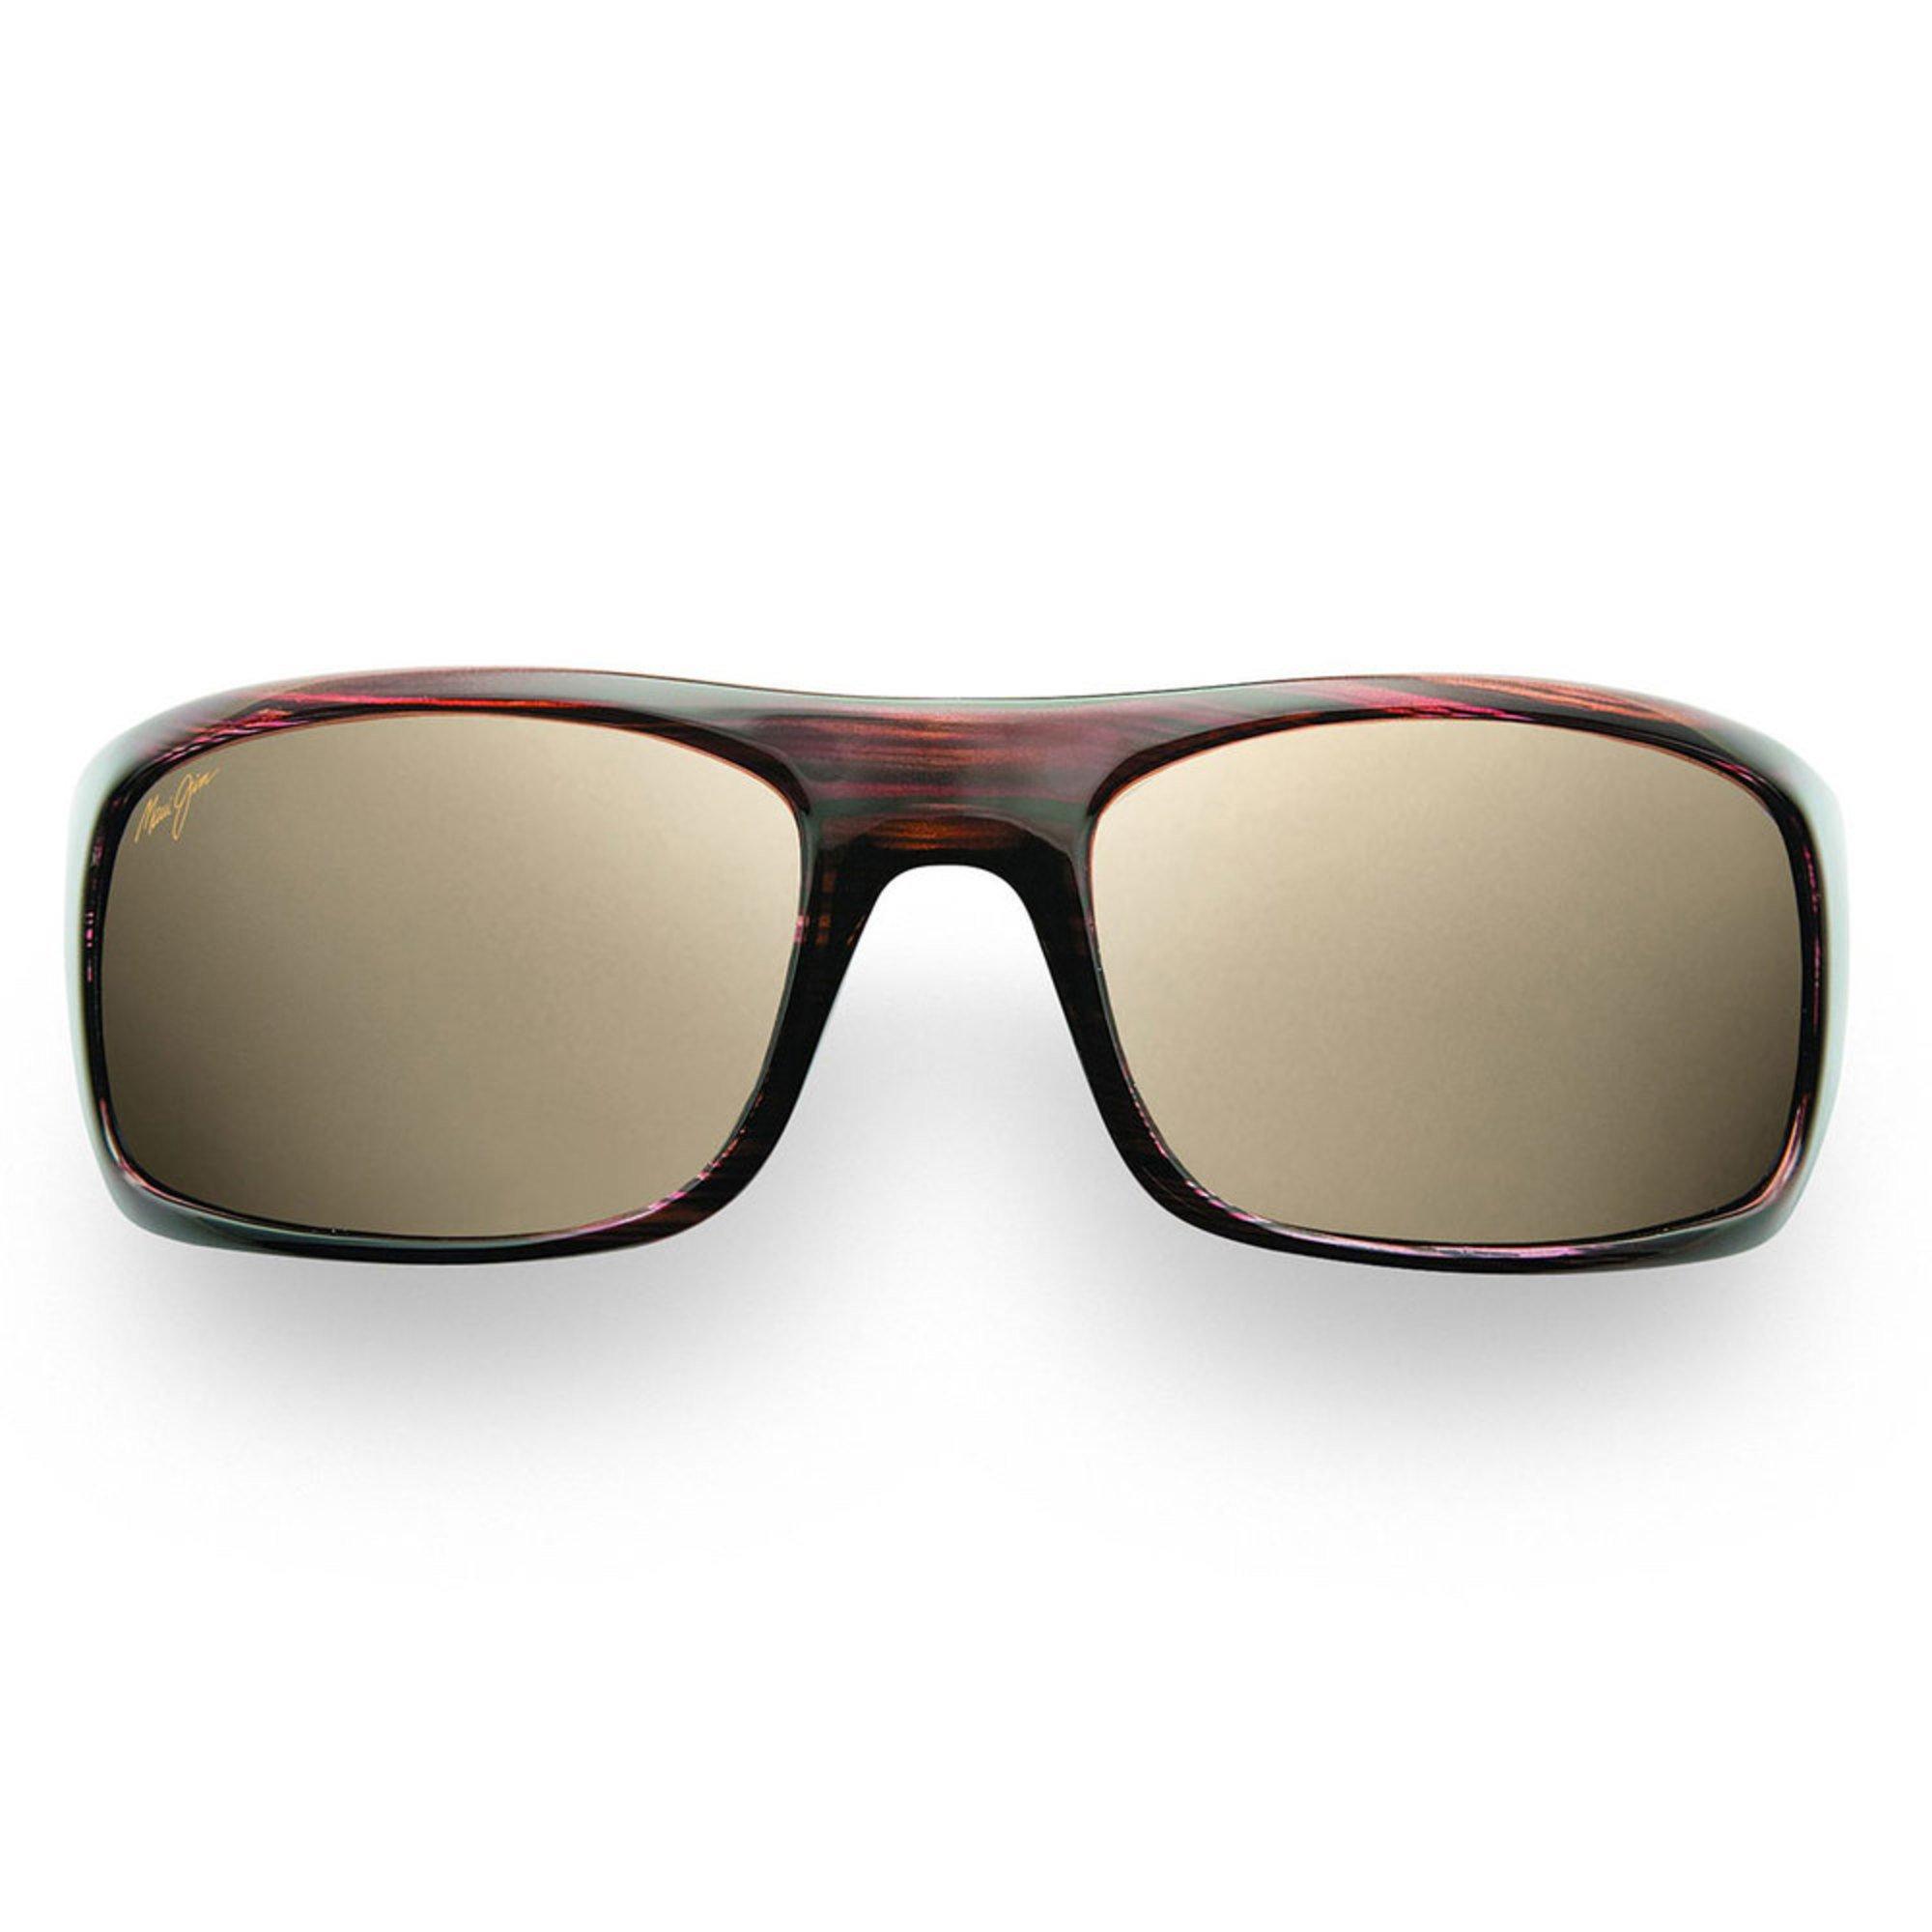 e91d558dcba Maui Jim Unisex Peahi Polarized Sunglasses Dark Tortoise/bronze 65mm |  Men's Sunglasses | Accessories - Shop Your Navy Exchange - Official Site